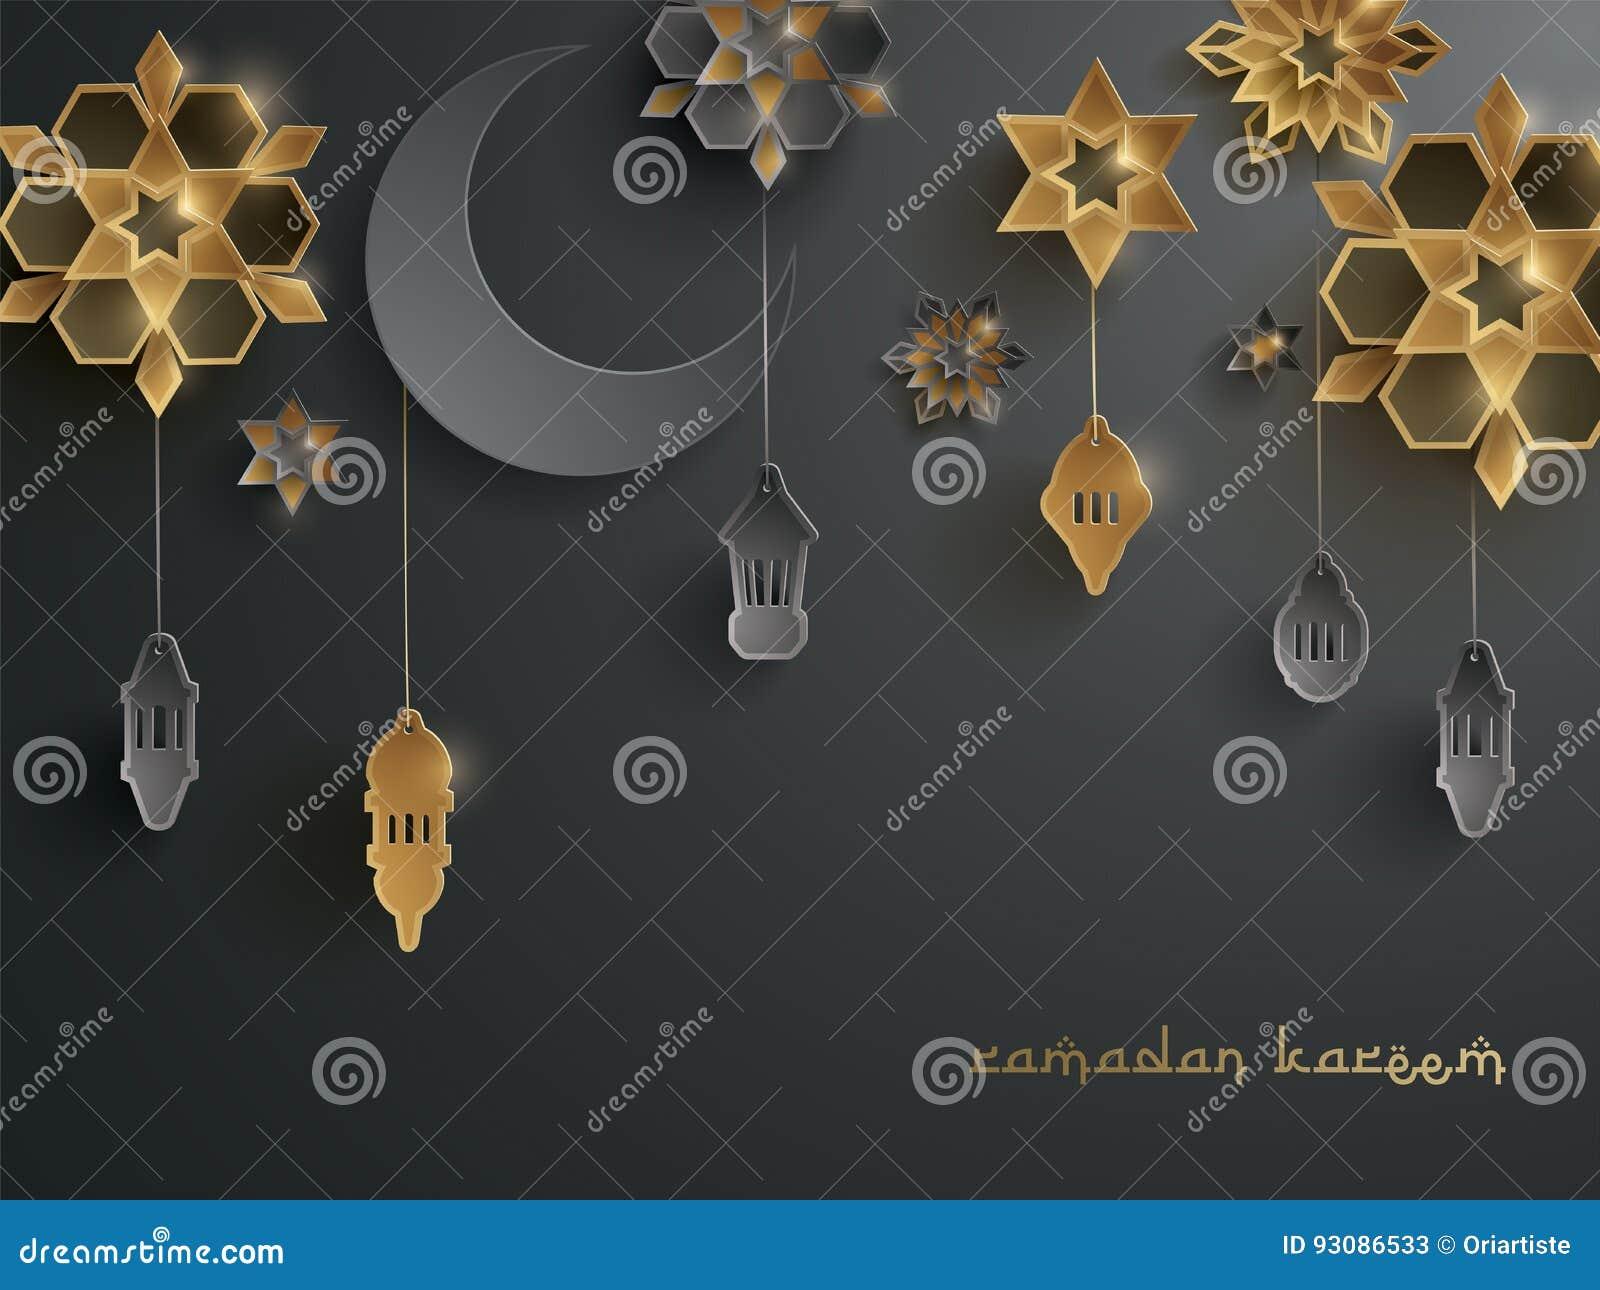 Document grafisch van Islamitische decoratie Meetkundekunst, Toenemende maan en Arabische lantaarn